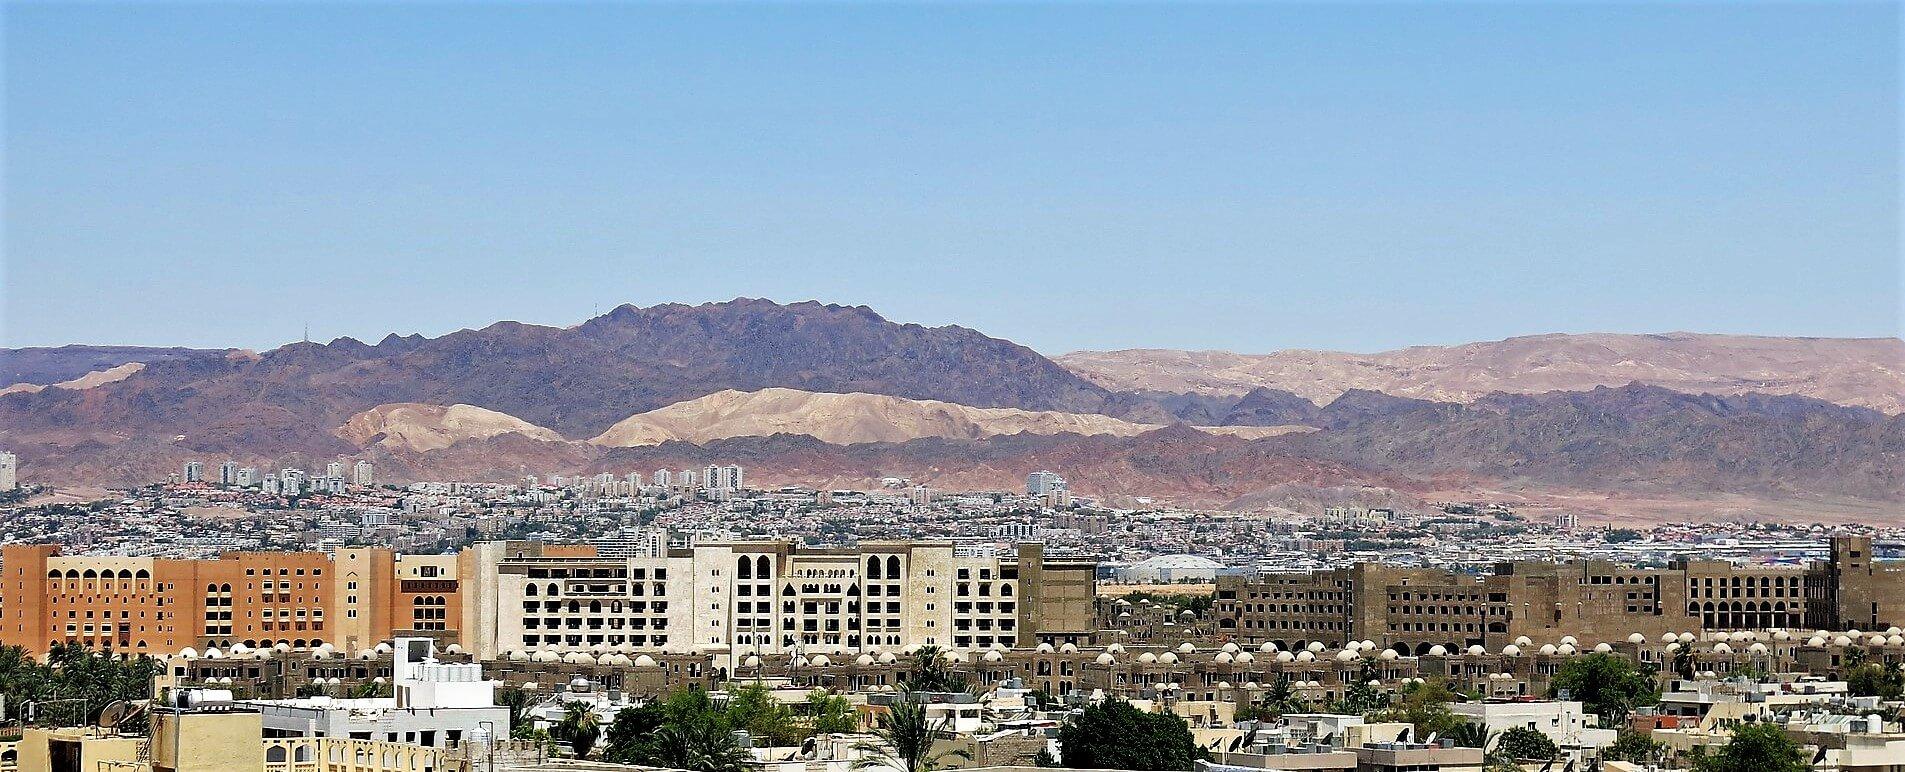 Direktflüge und Billigflüge nach Aqaba